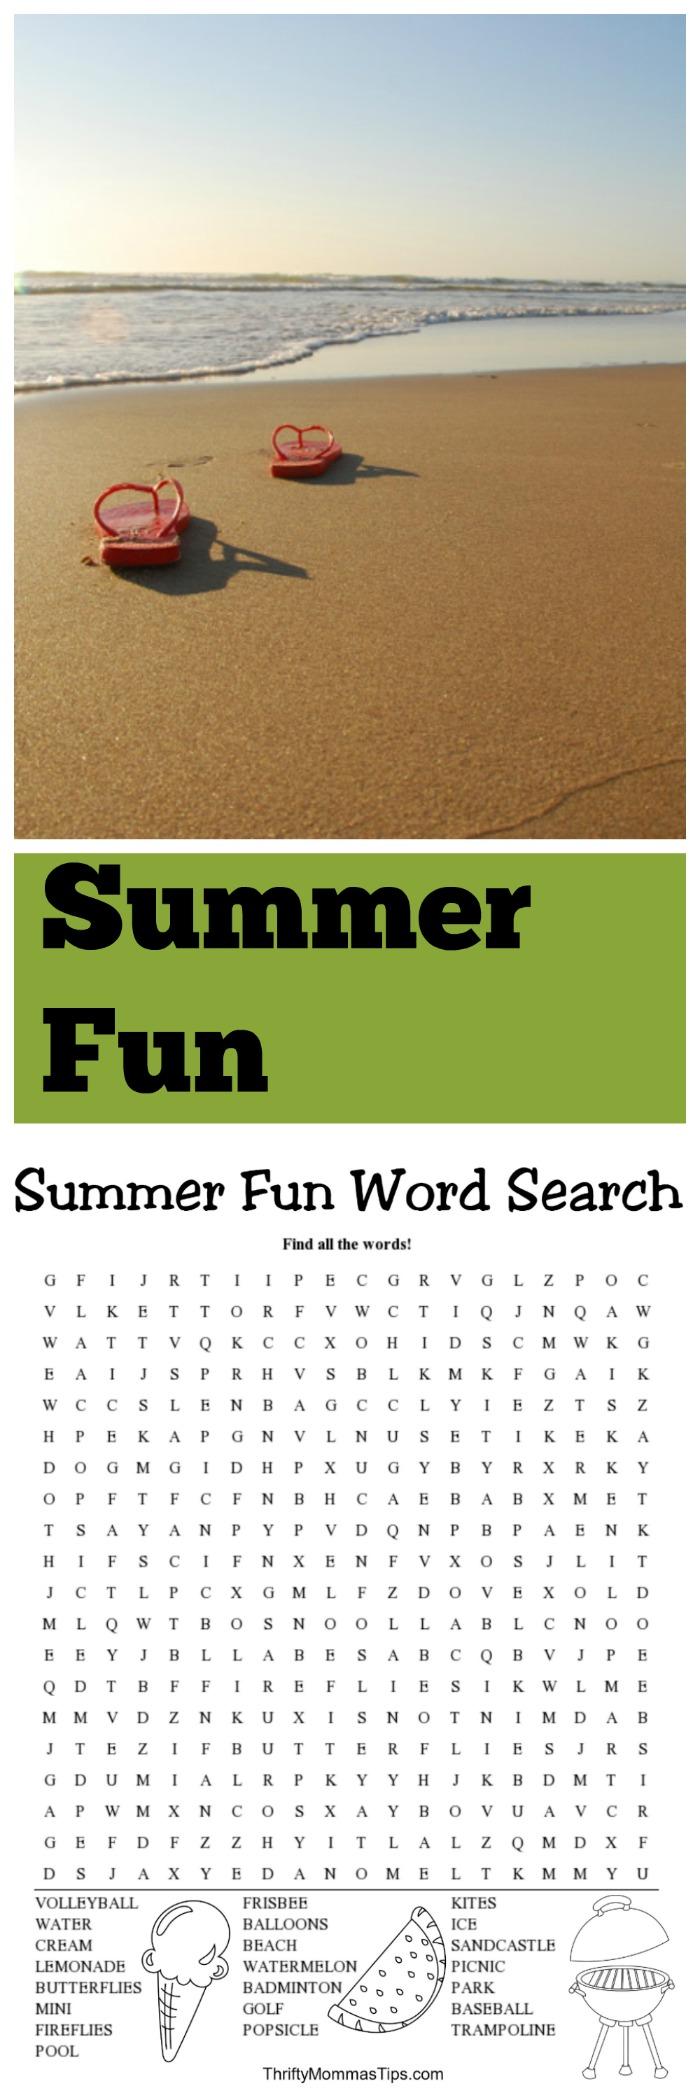 Summer_Fun_Word_Search